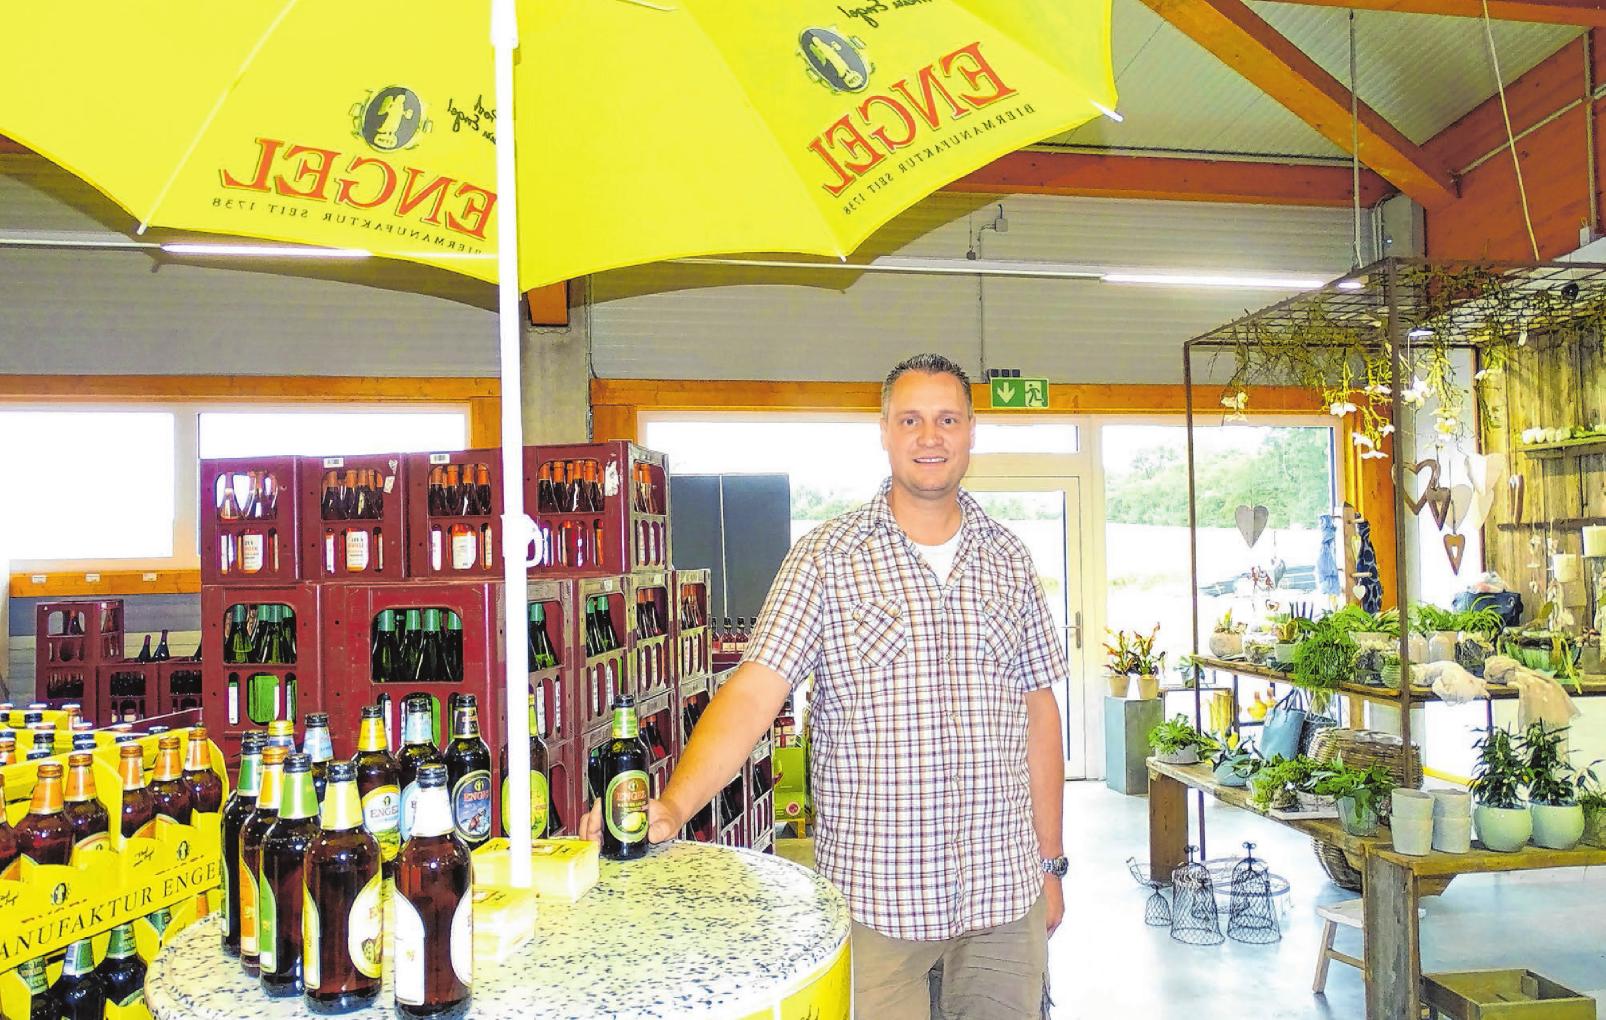 Michael Ley lädt am Freitag und Samstag in seinen Getränkemarkt am Sprudelweg ein. Foto: Birgit Trinkle